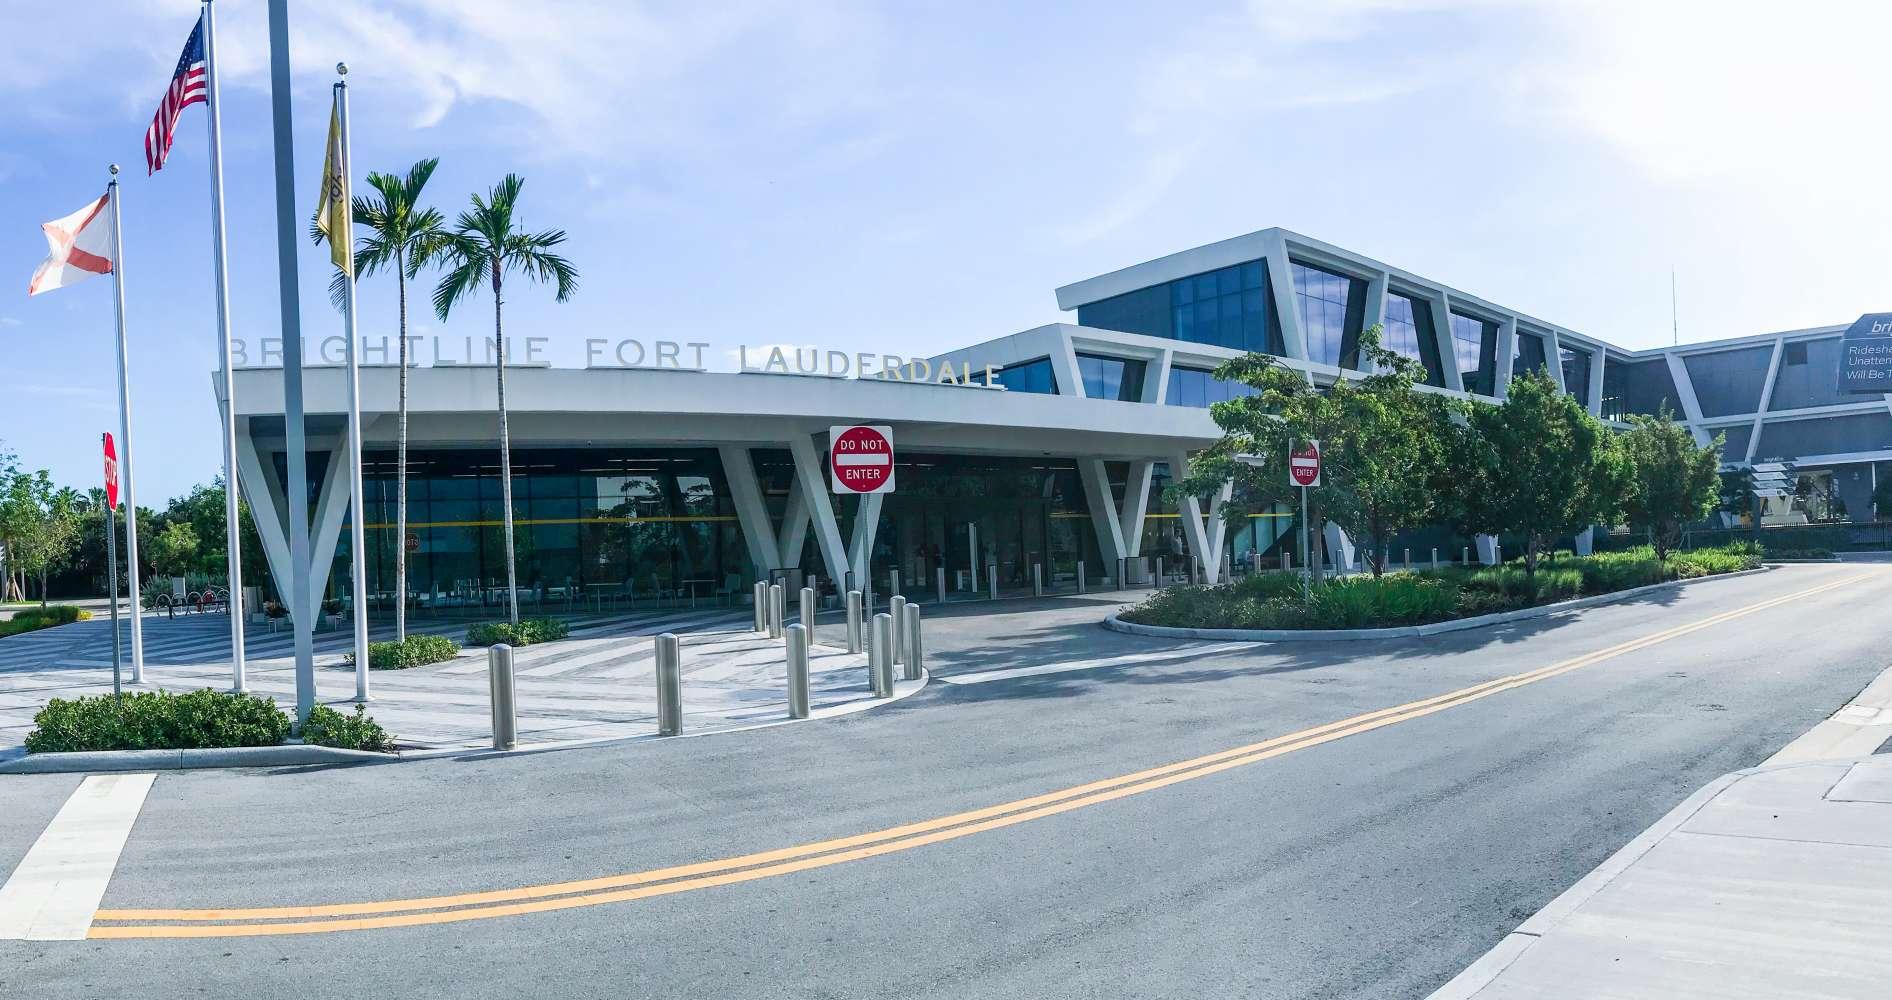 Retail Fort lauderdale, 33311 - Brightline Fort Lauderdale